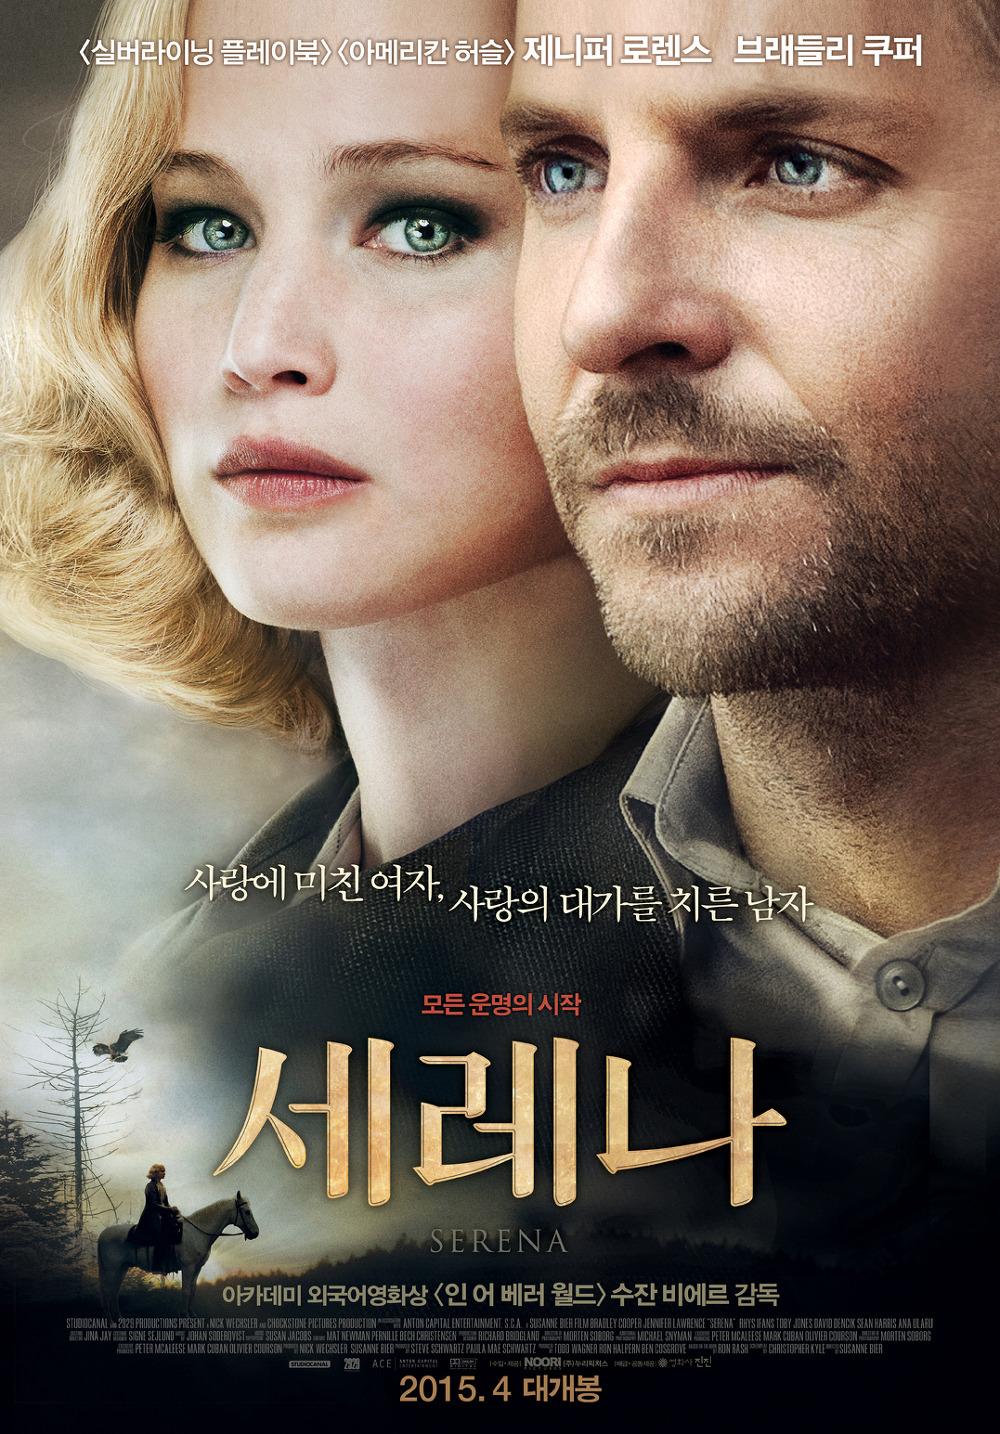 영화 세레나 포스터